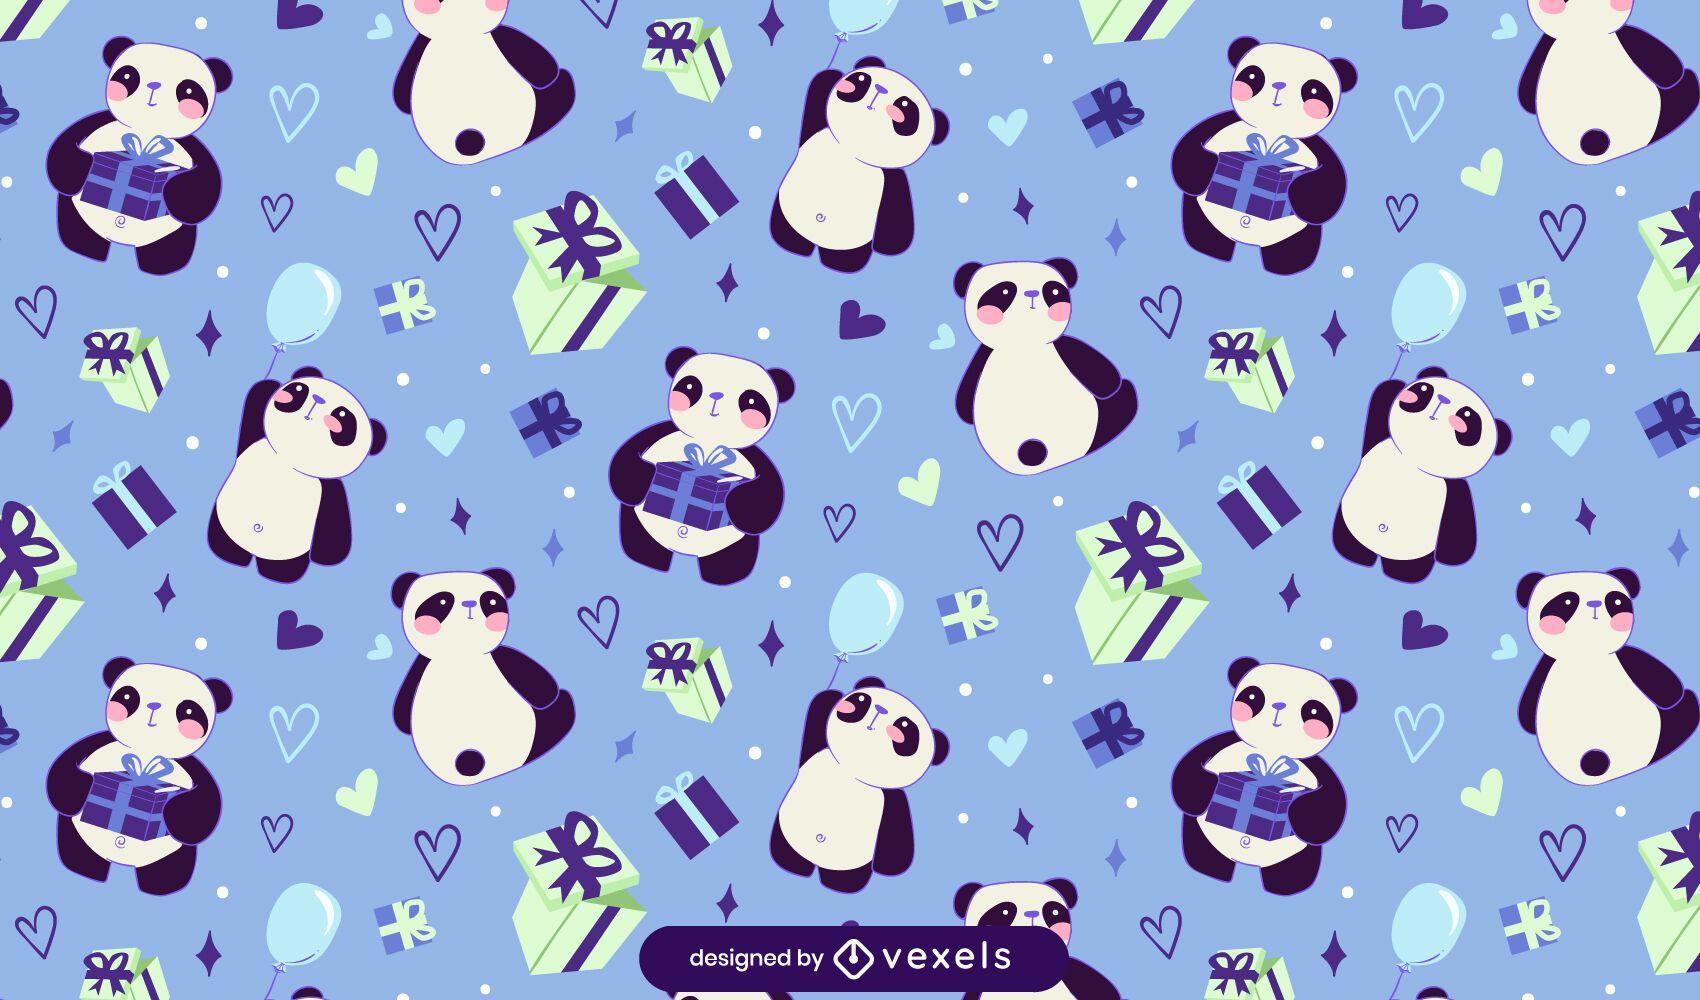 Lindo panda presenta dise?o de patr?n